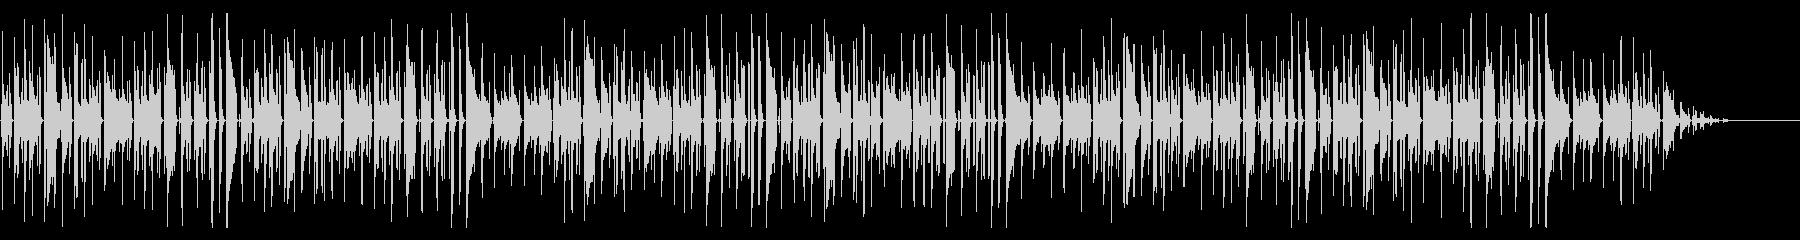 ヨドバシカメラで有名な曲 脱力系アレンジの未再生の波形